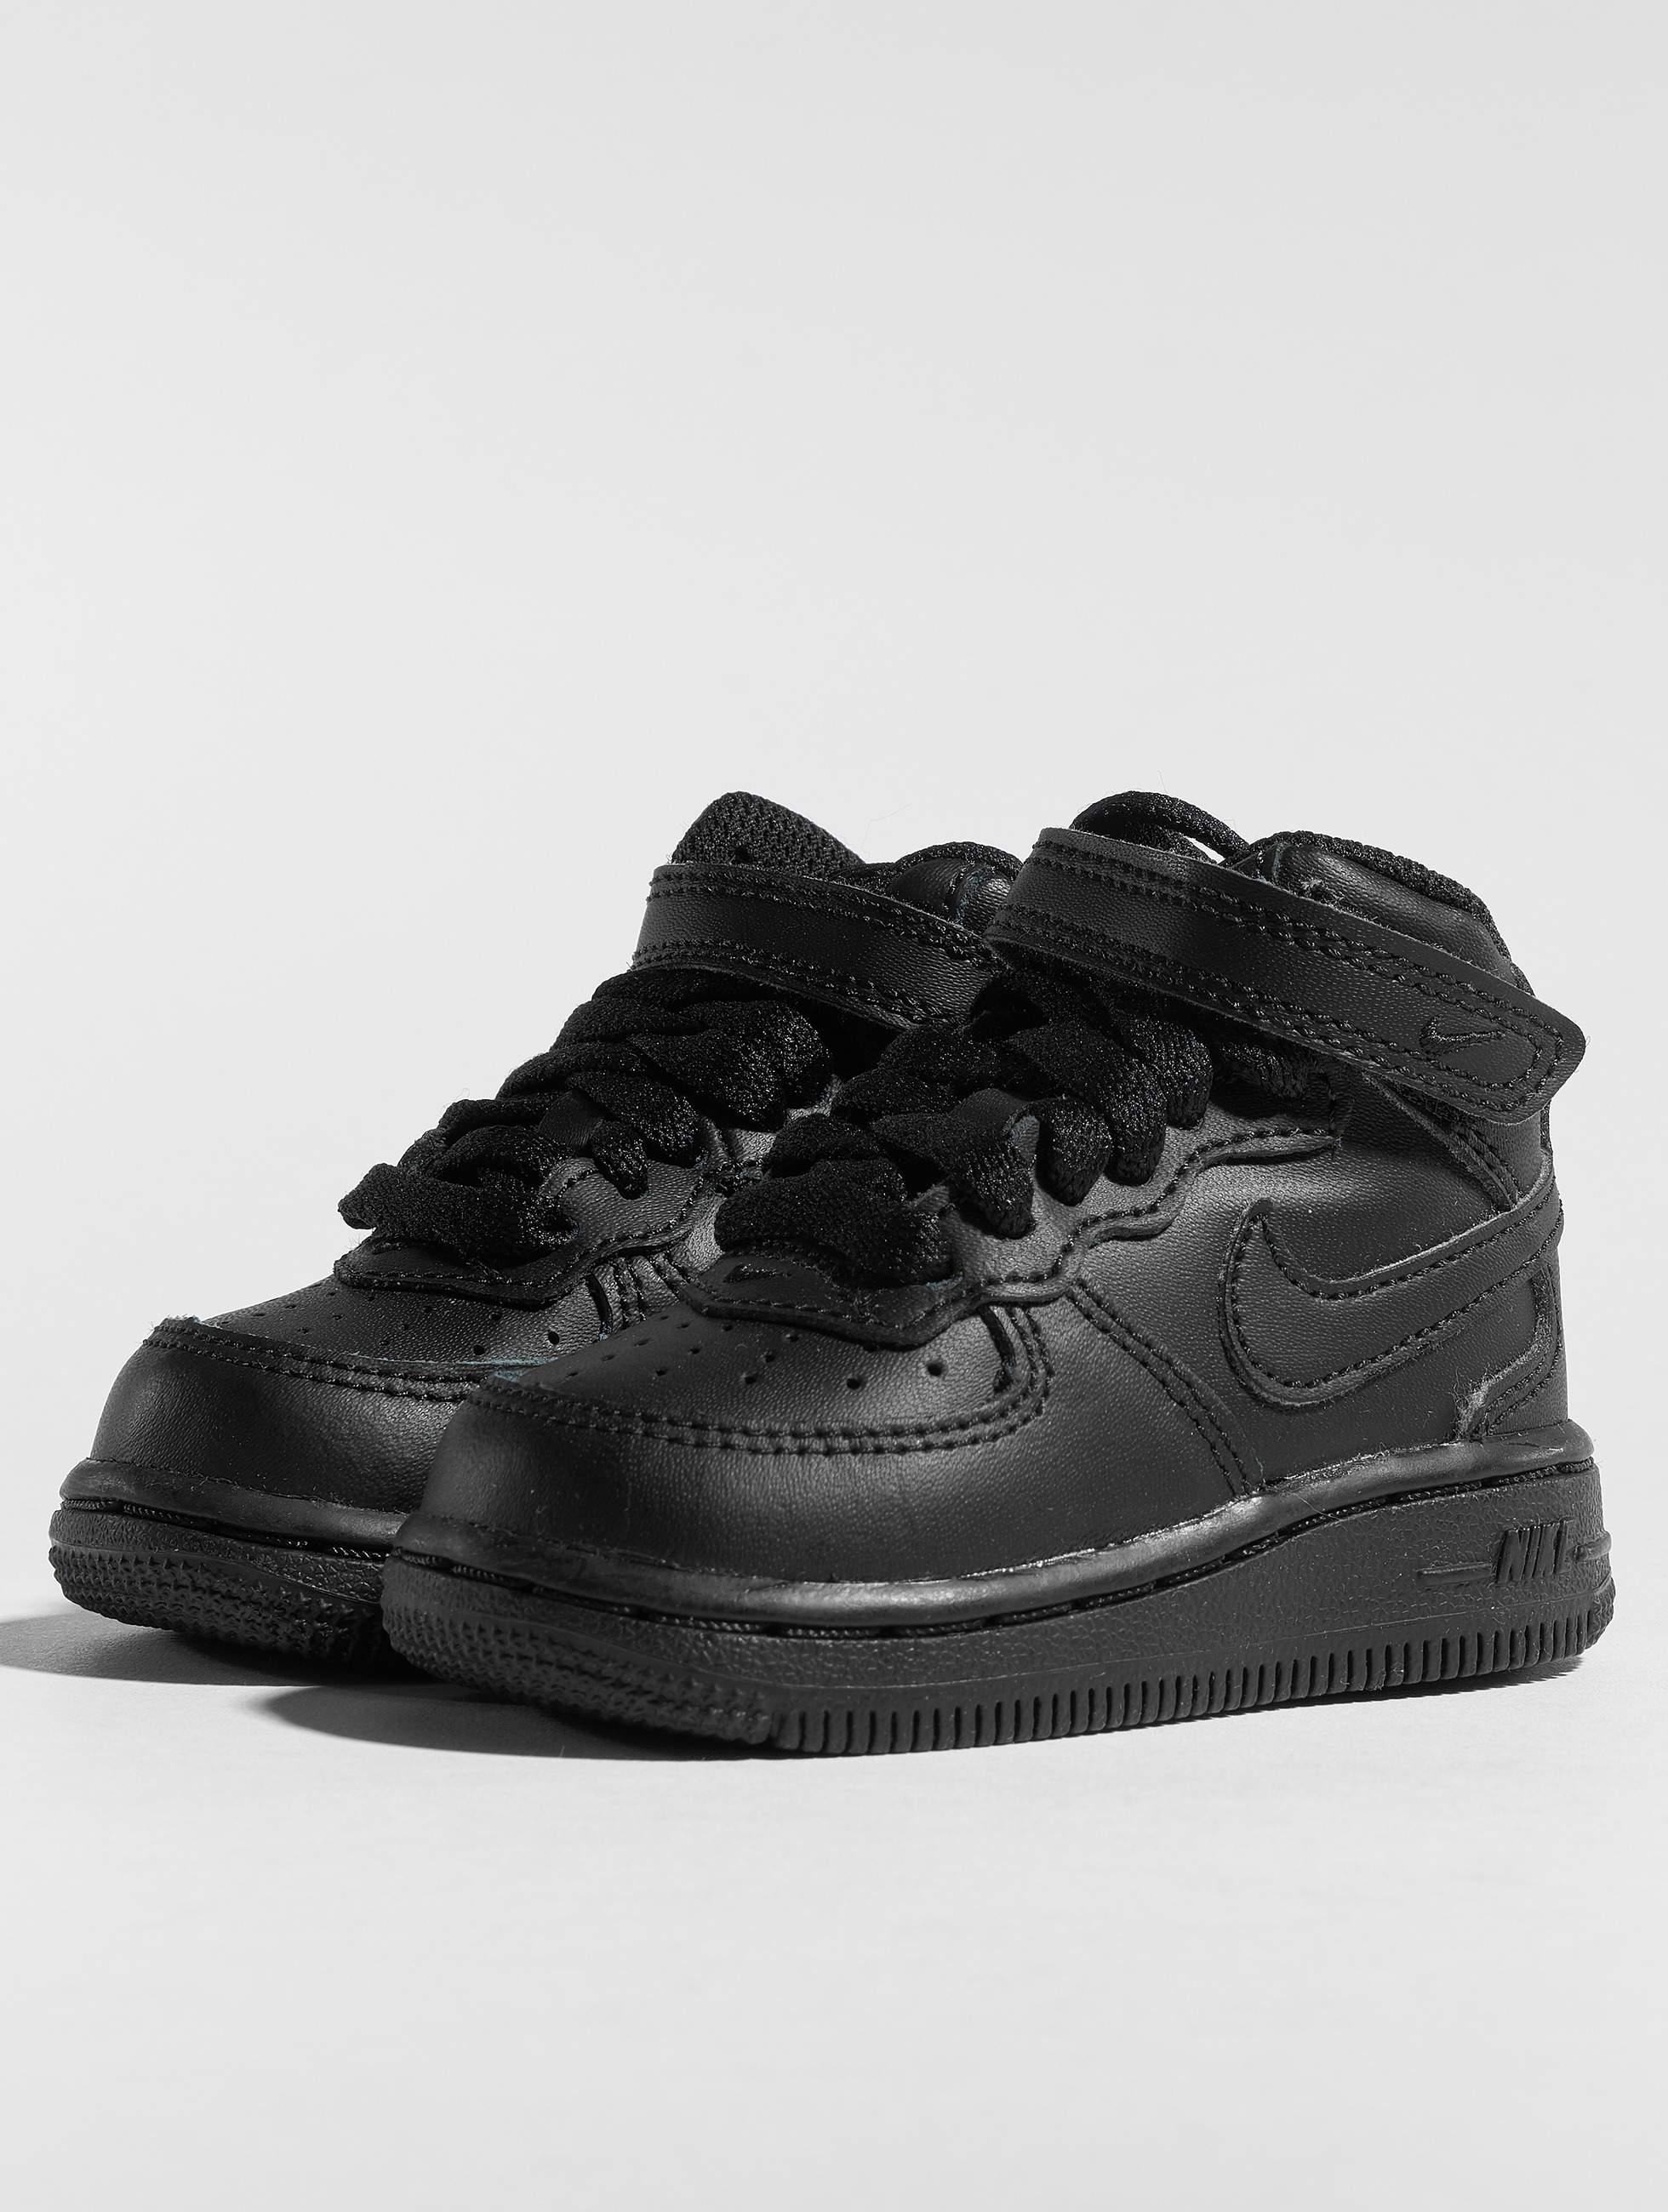 1351ae8a3ea Nike schoen / sneaker Air Force 1 Mid TD in zwart 540730